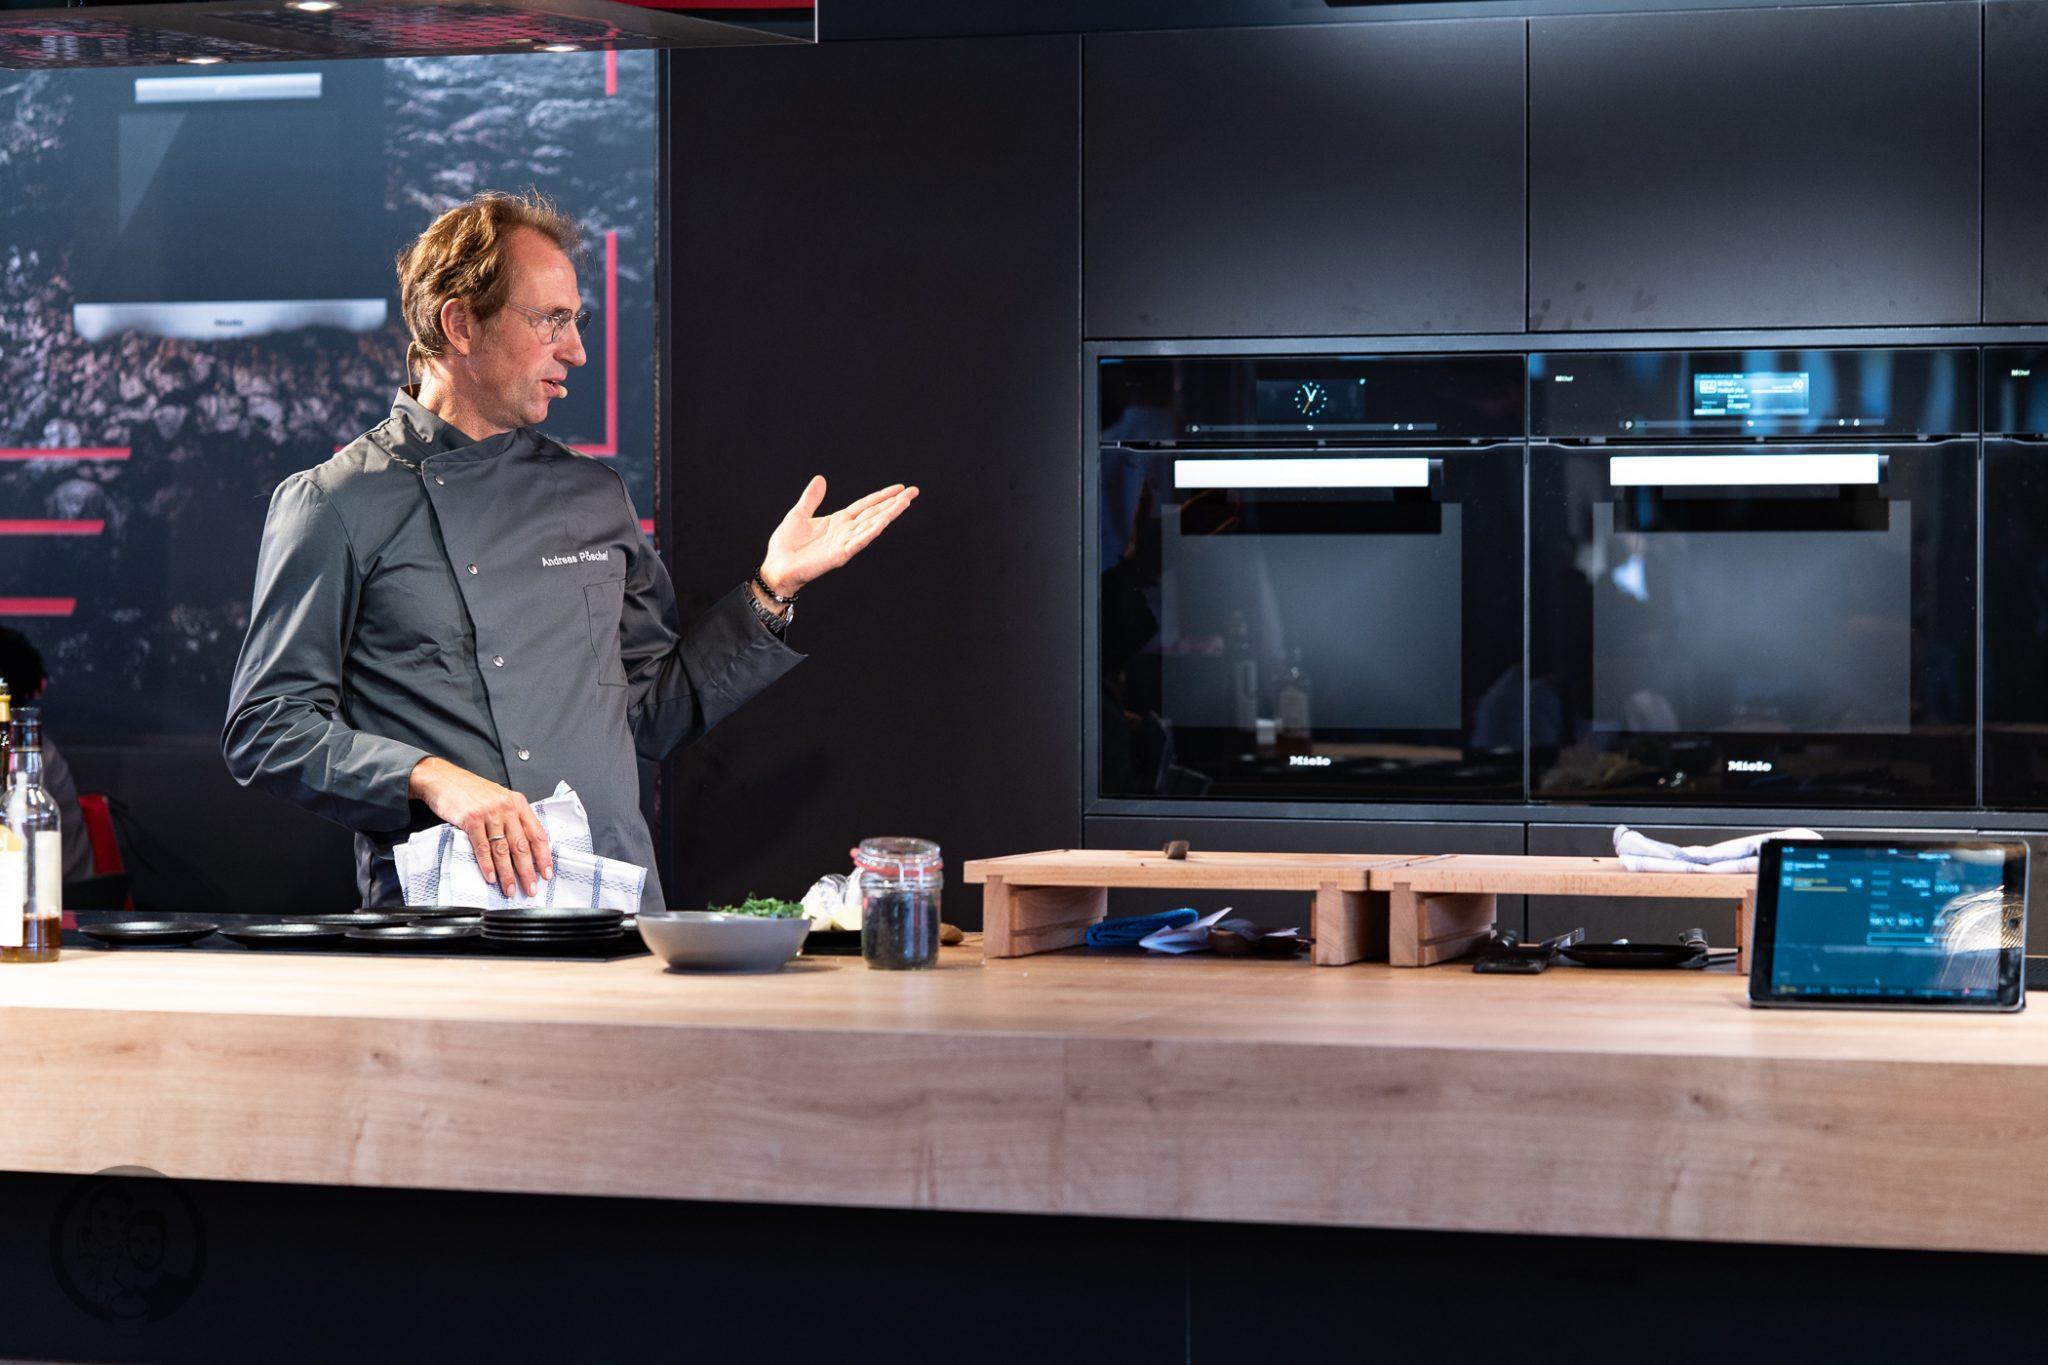 Küchenmeile mW 25 | Wie ihr ja bestimmt wisst, sind wir seit diesem Jahr Kooperationspartner von Miele.Daher hatten wir das große Glück, den Messestand von Miele nicht nur auf der IFA, sondern auch auf der Küchenmeile in Rödinghausen zu besuchen. Dort konnten wir uns einen spannenden Eindruck der Miele Küchenneuheiten machen, aber auch von der restlichen Produktpalette. Da Küchenequipment für alle Koch- und Backbegeisterten auch ein großes Thema ist, möchten wir euch gerne an unserem Besuch teilhaben lassen.